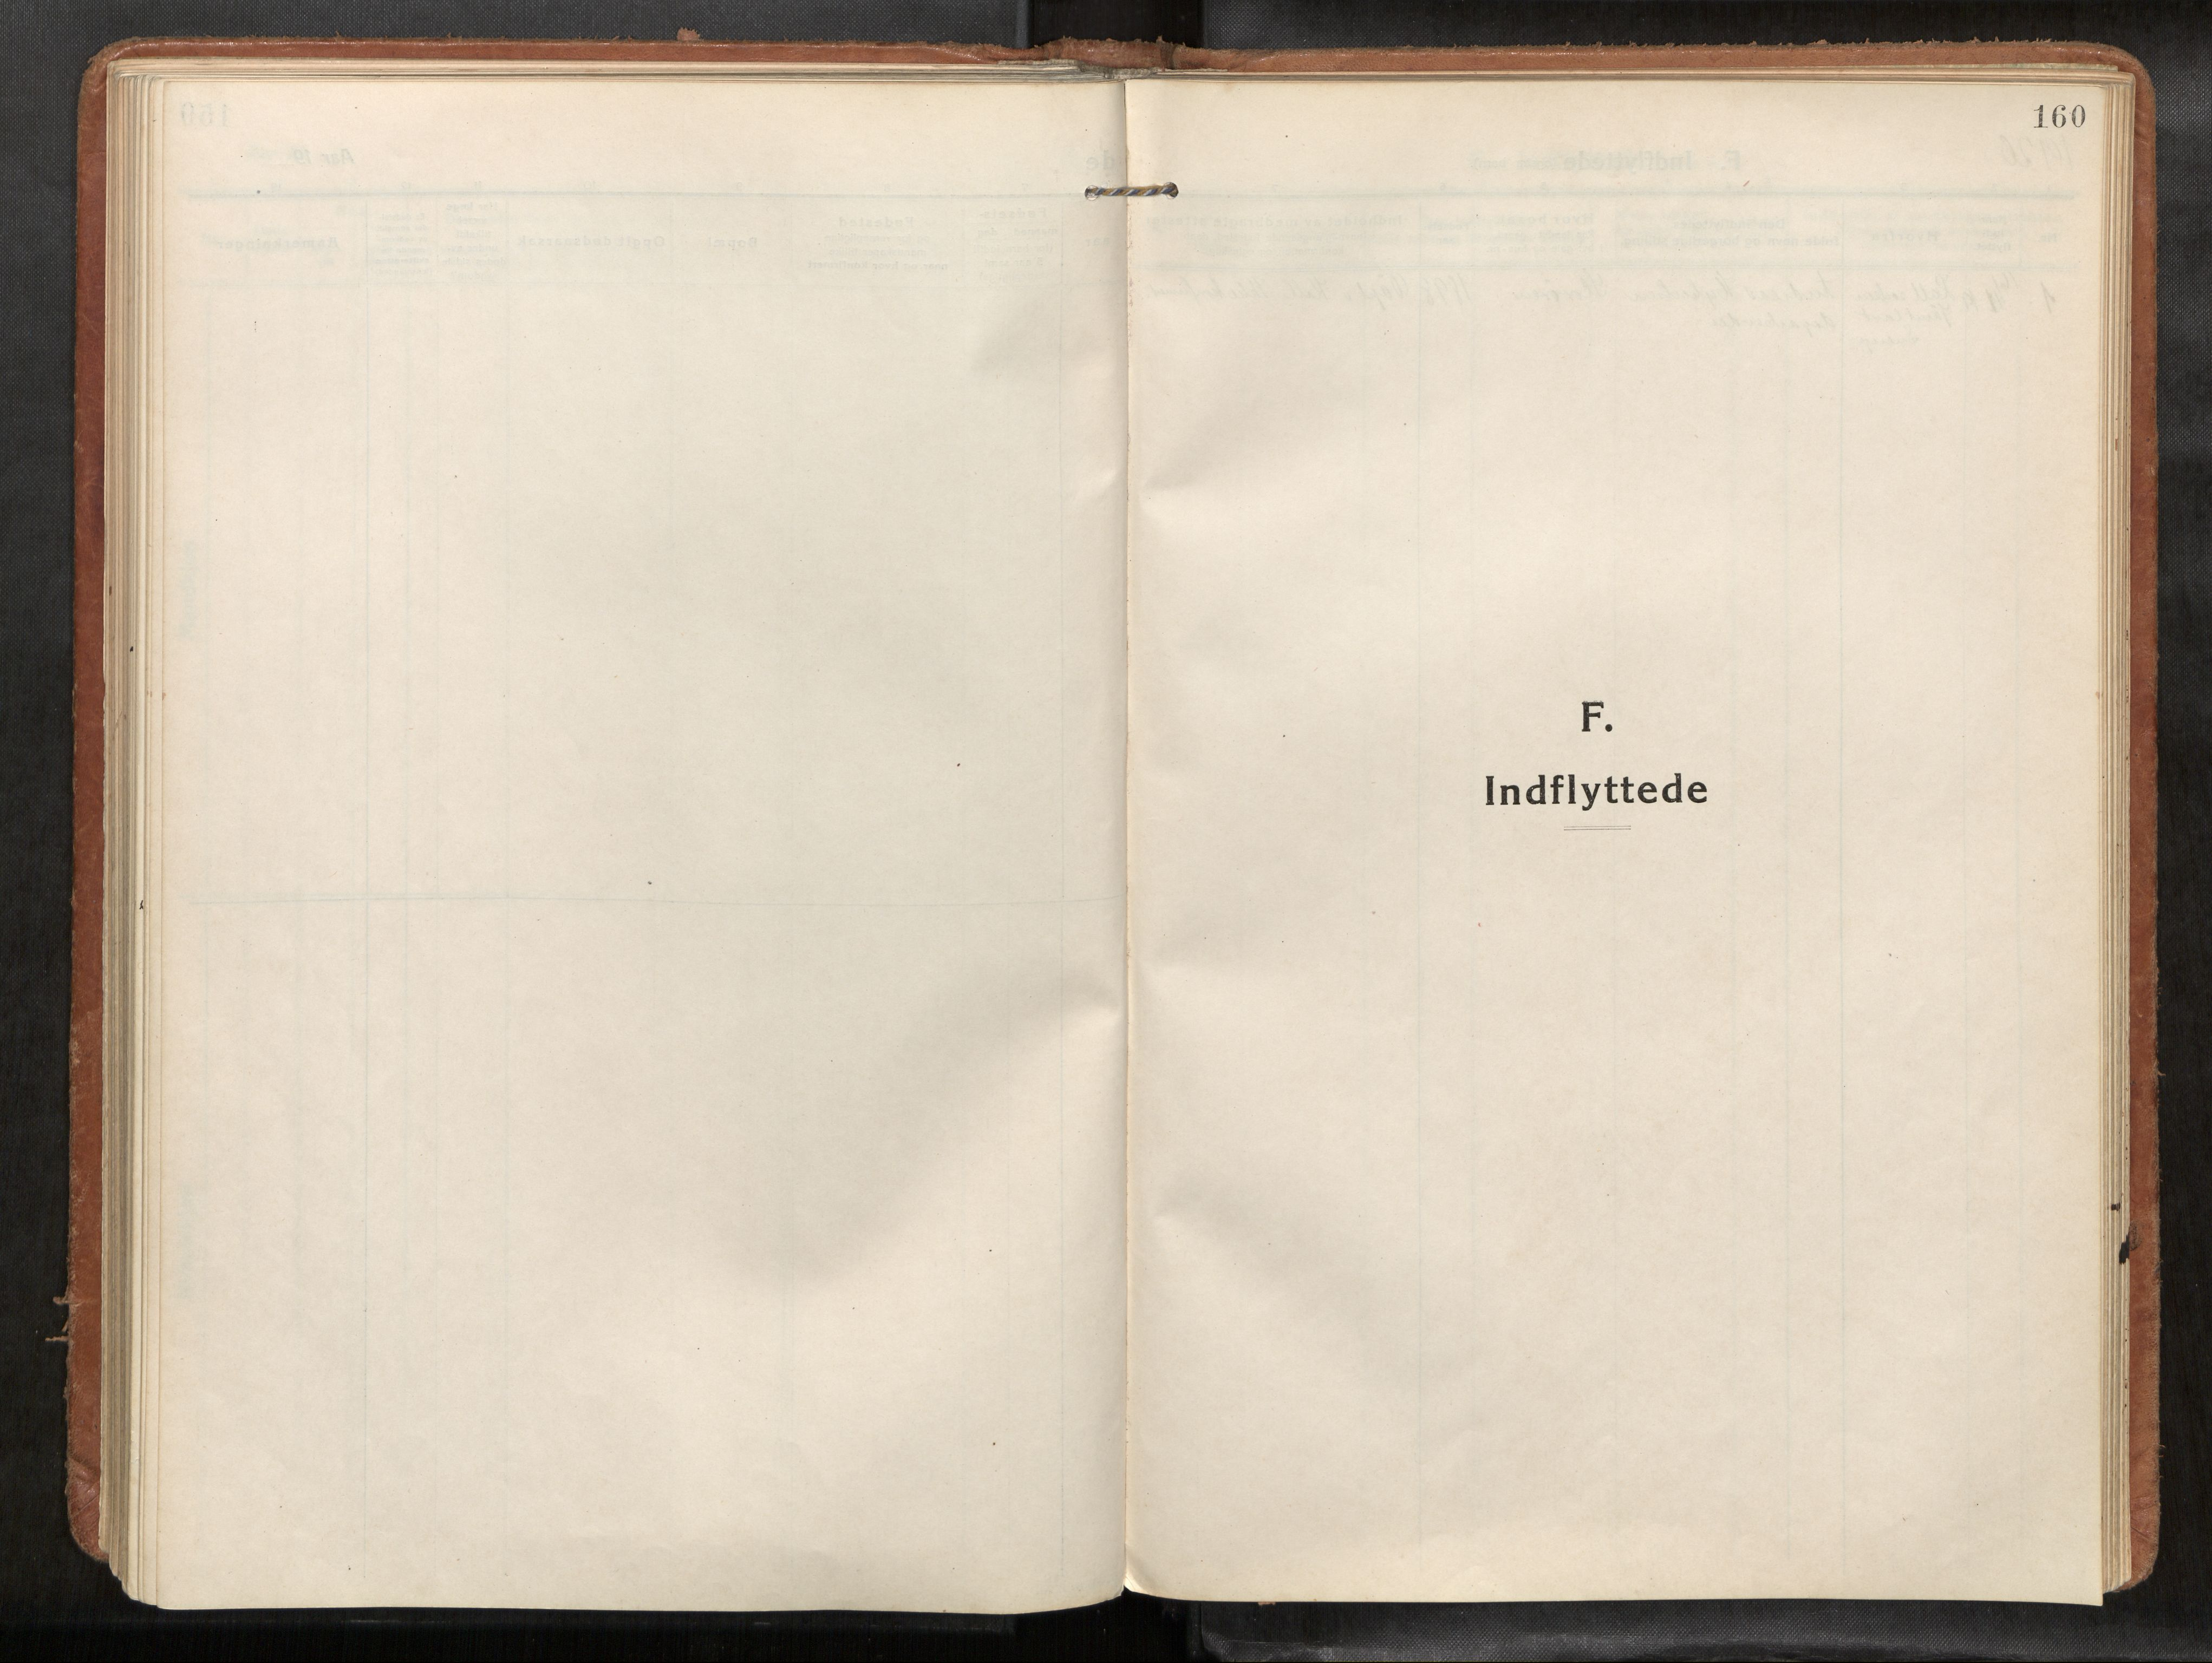 SAT, Verdal sokneprestkontor, H/Haa/L0004: Parish register (official) no. 4, 1916-1928, p. 160